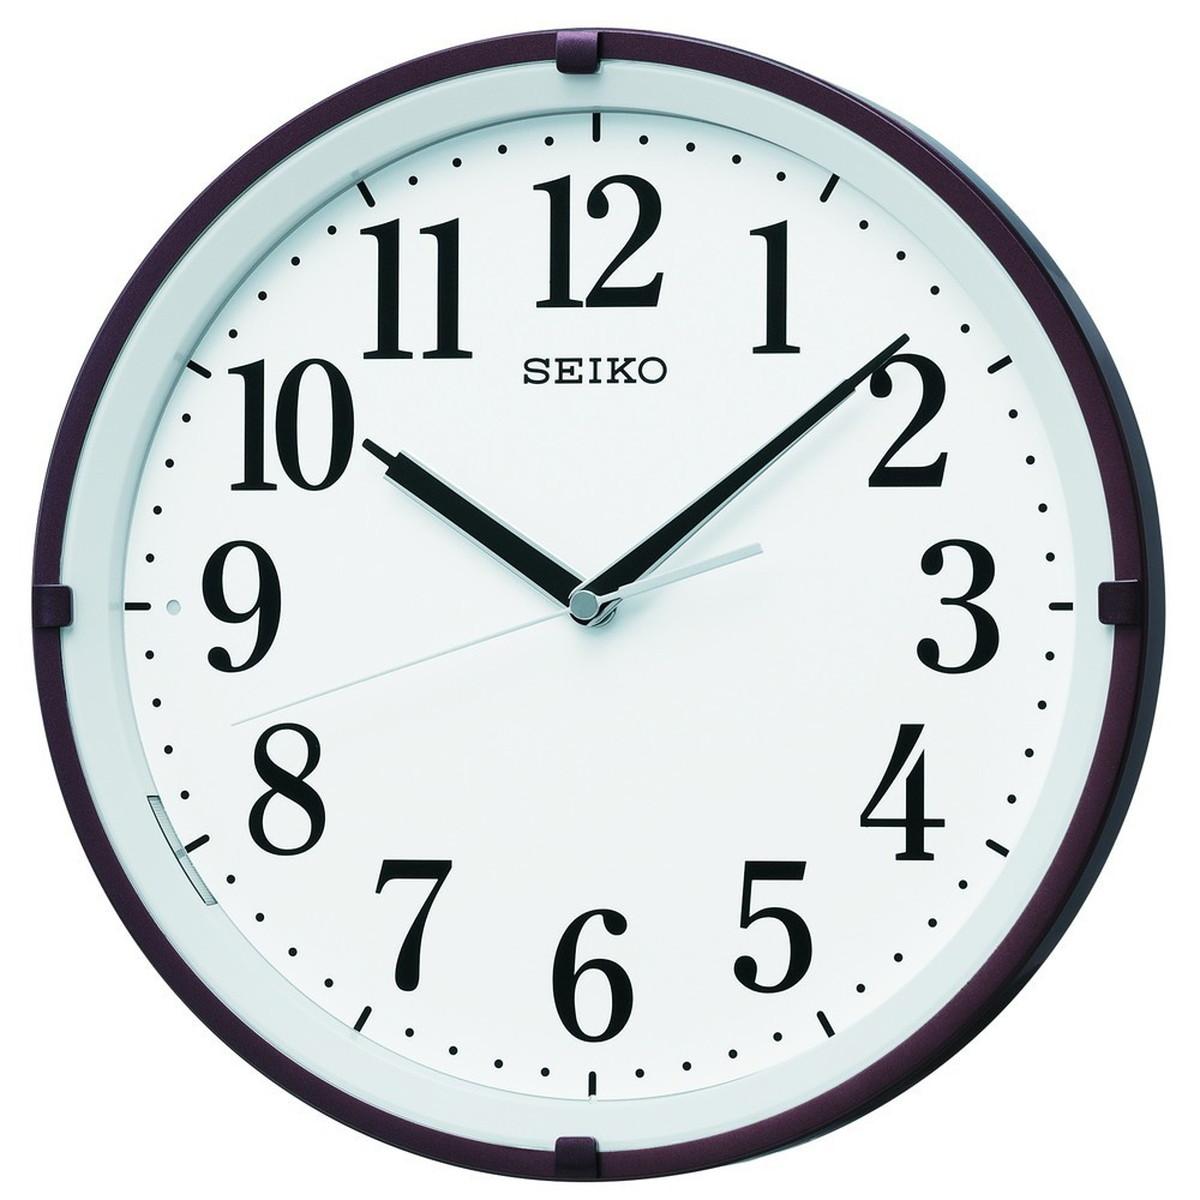 セイコー(SEIKO) 電波掛時計 KX205B【クーポン配布中】